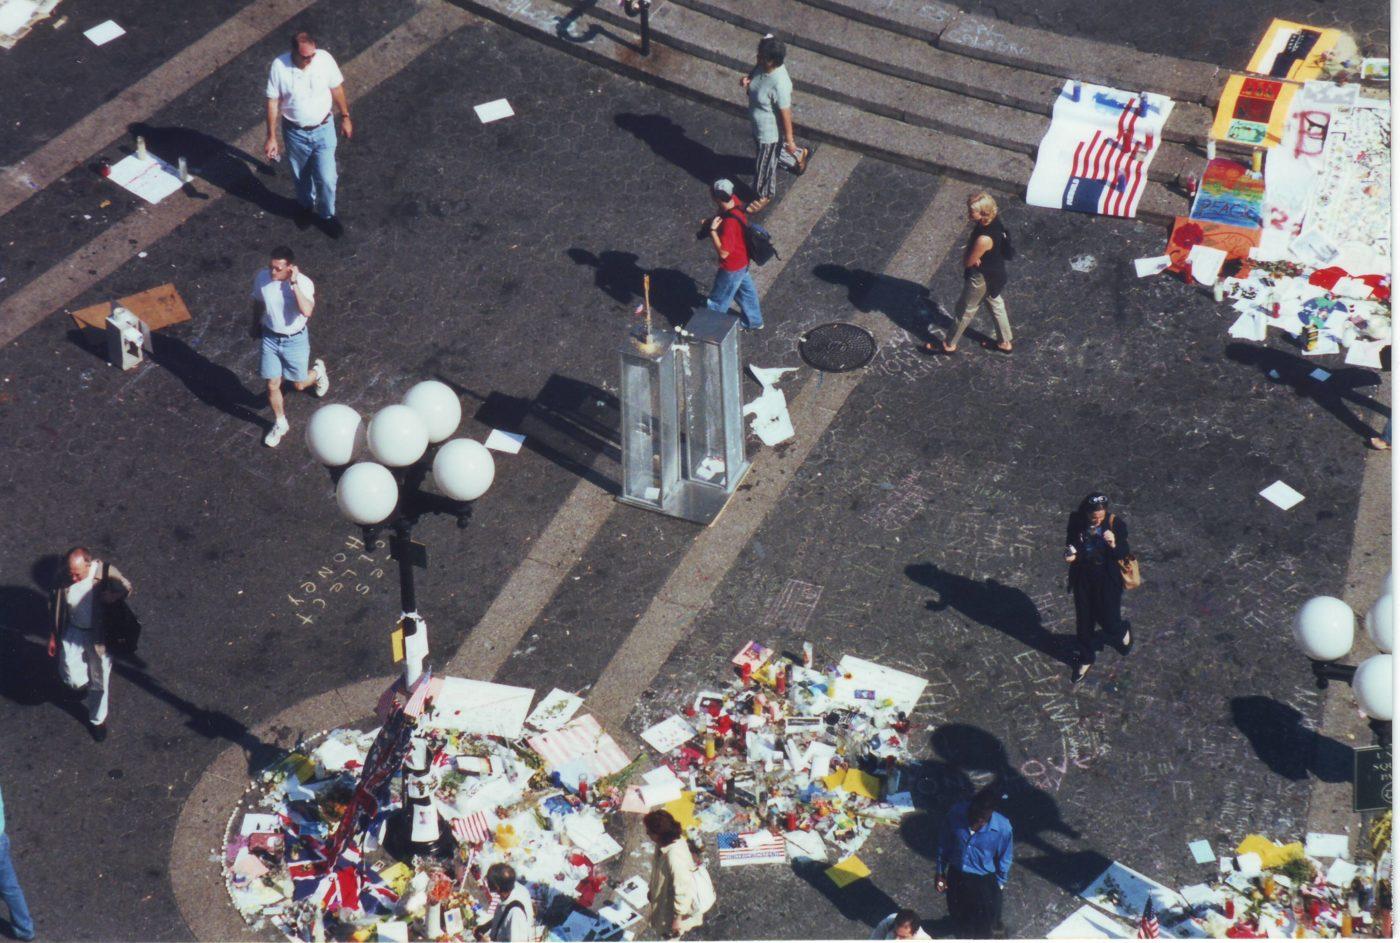 Marjorie Zien- 911 twin towers standing at Union Sq memorial